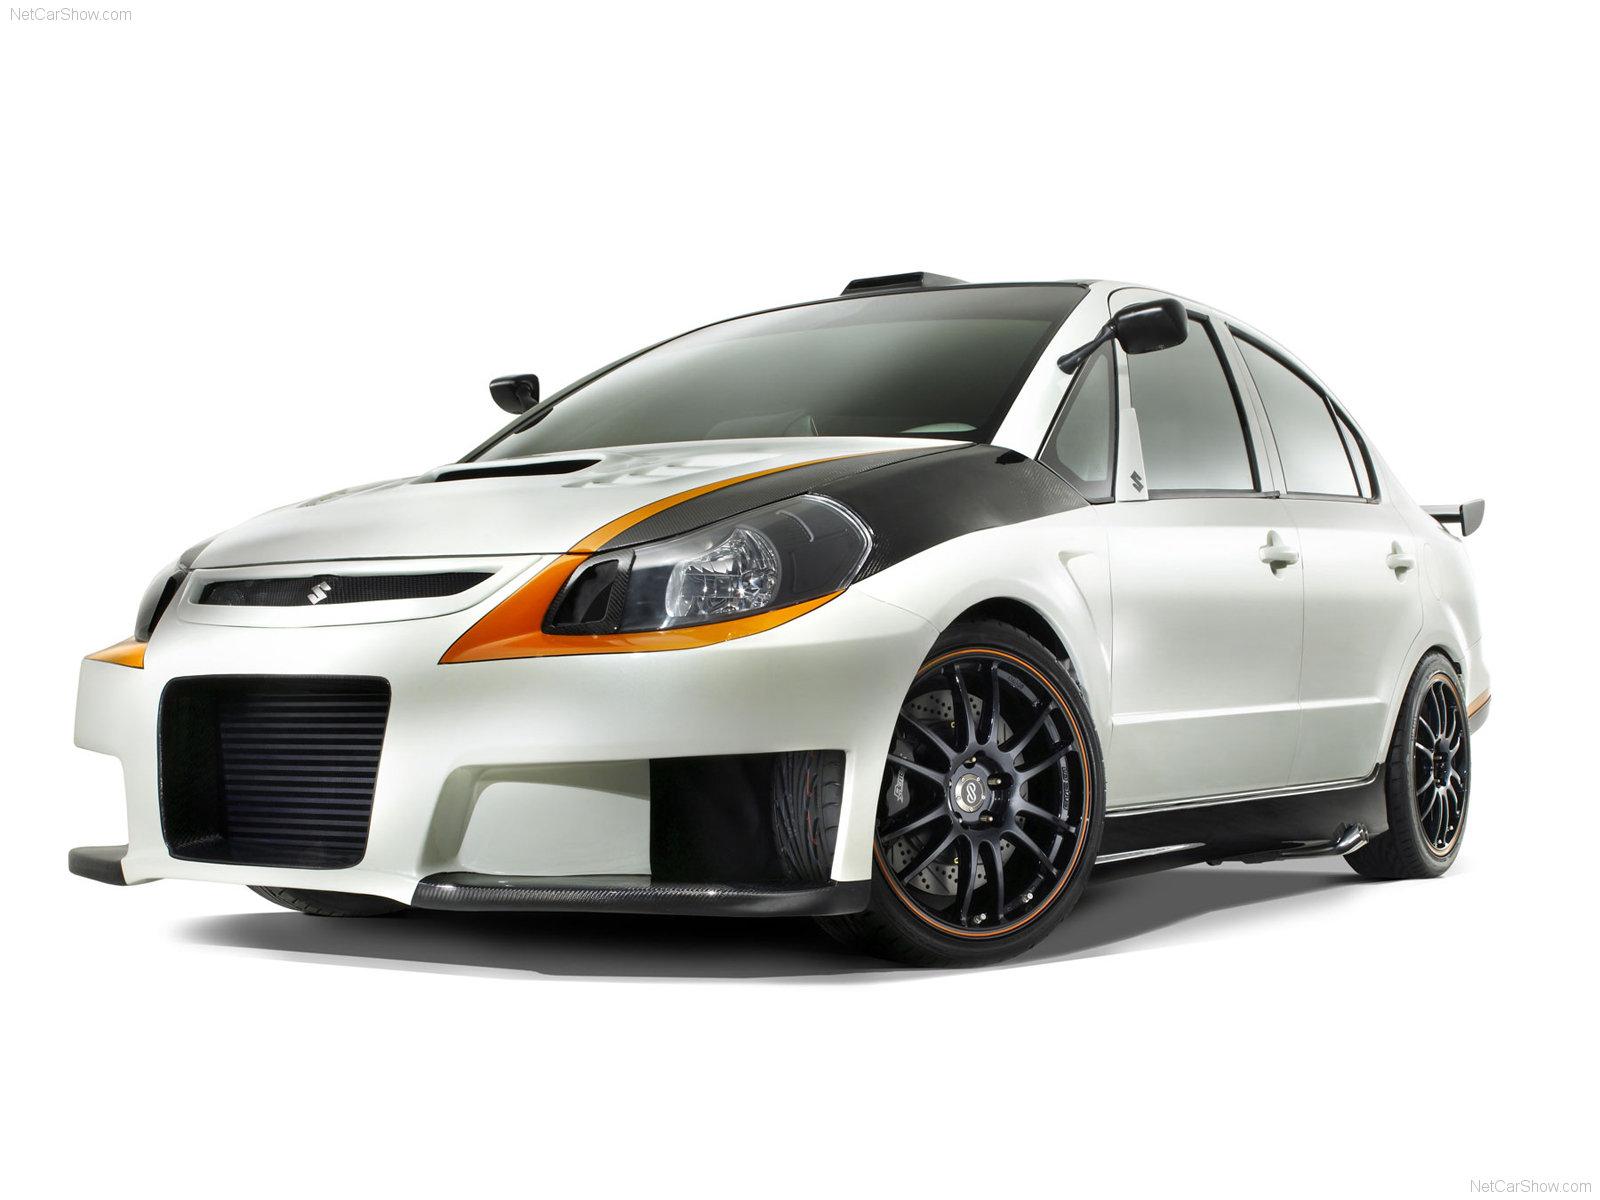 Hình ảnh xe ô tô Suzuki SXForce Concept 2008 & nội ngoại thất